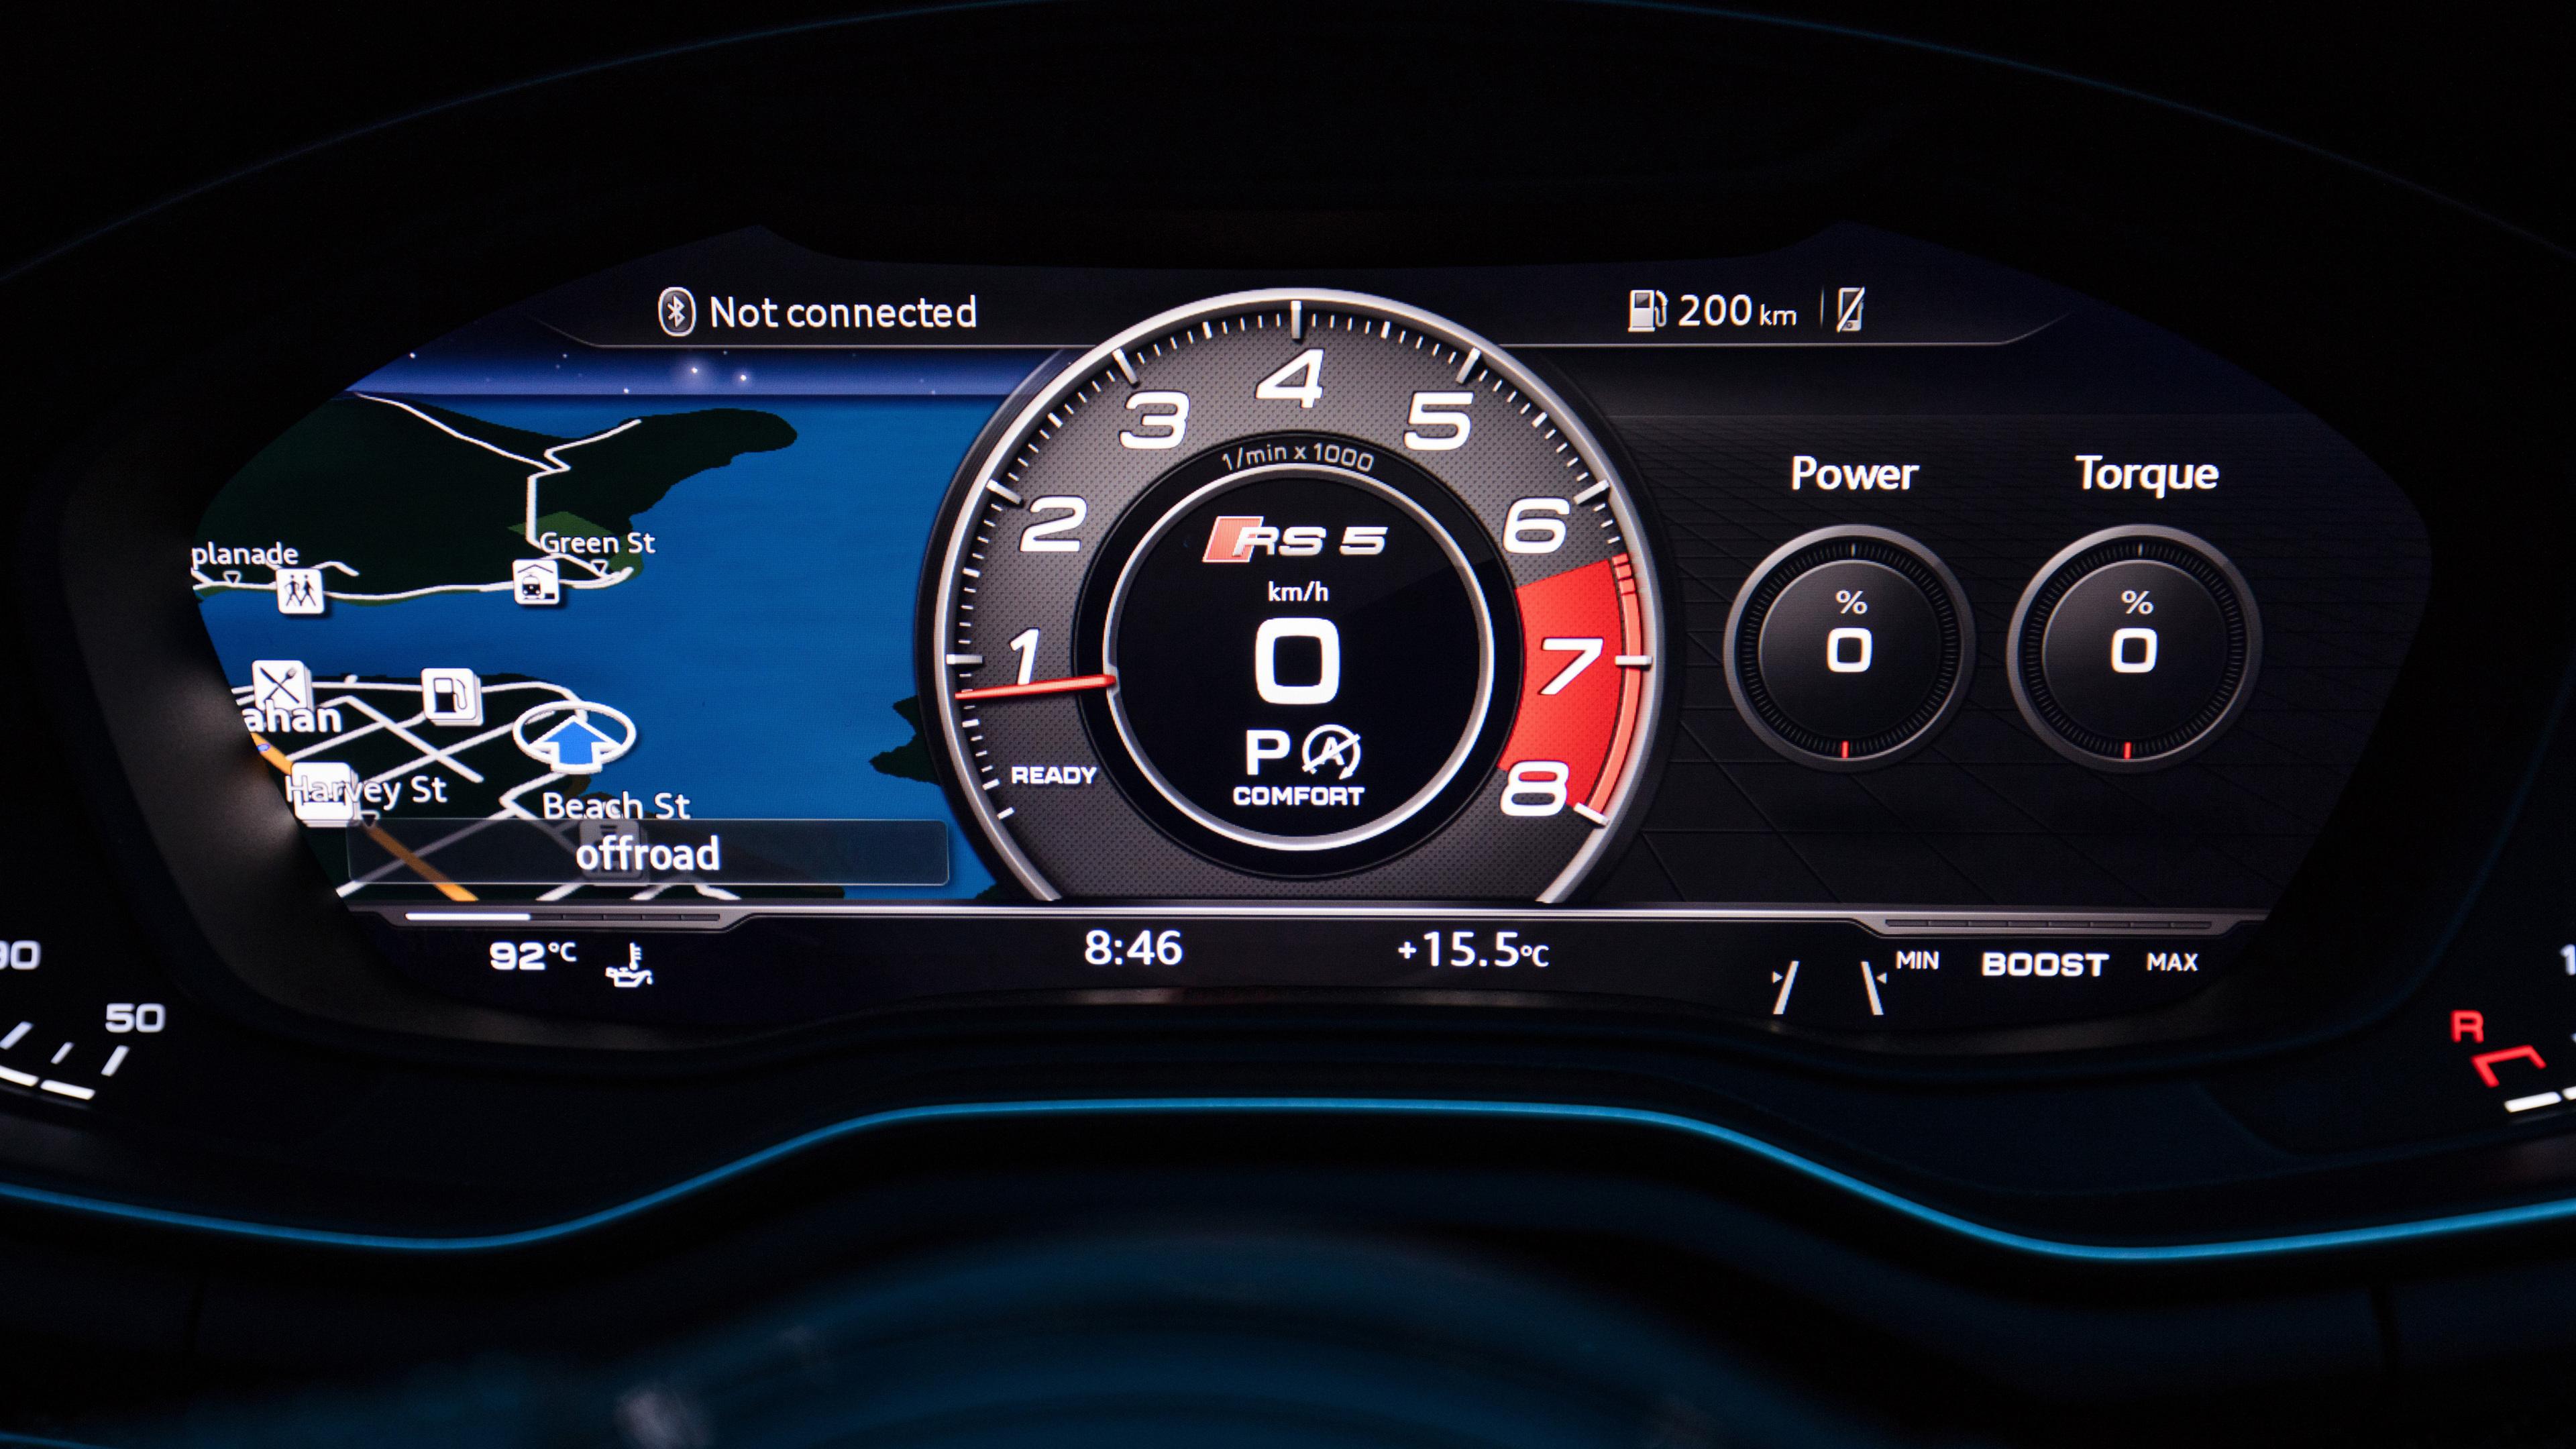 audi rs5 speedometer 1539108866 - Audi Rs5 Speedometer - speedometer wallpapers, interior wallpapers, hd-wallpapers, cars wallpapers, audi wallpapers, audi rs5 wallpapers, 4k-wallpapers